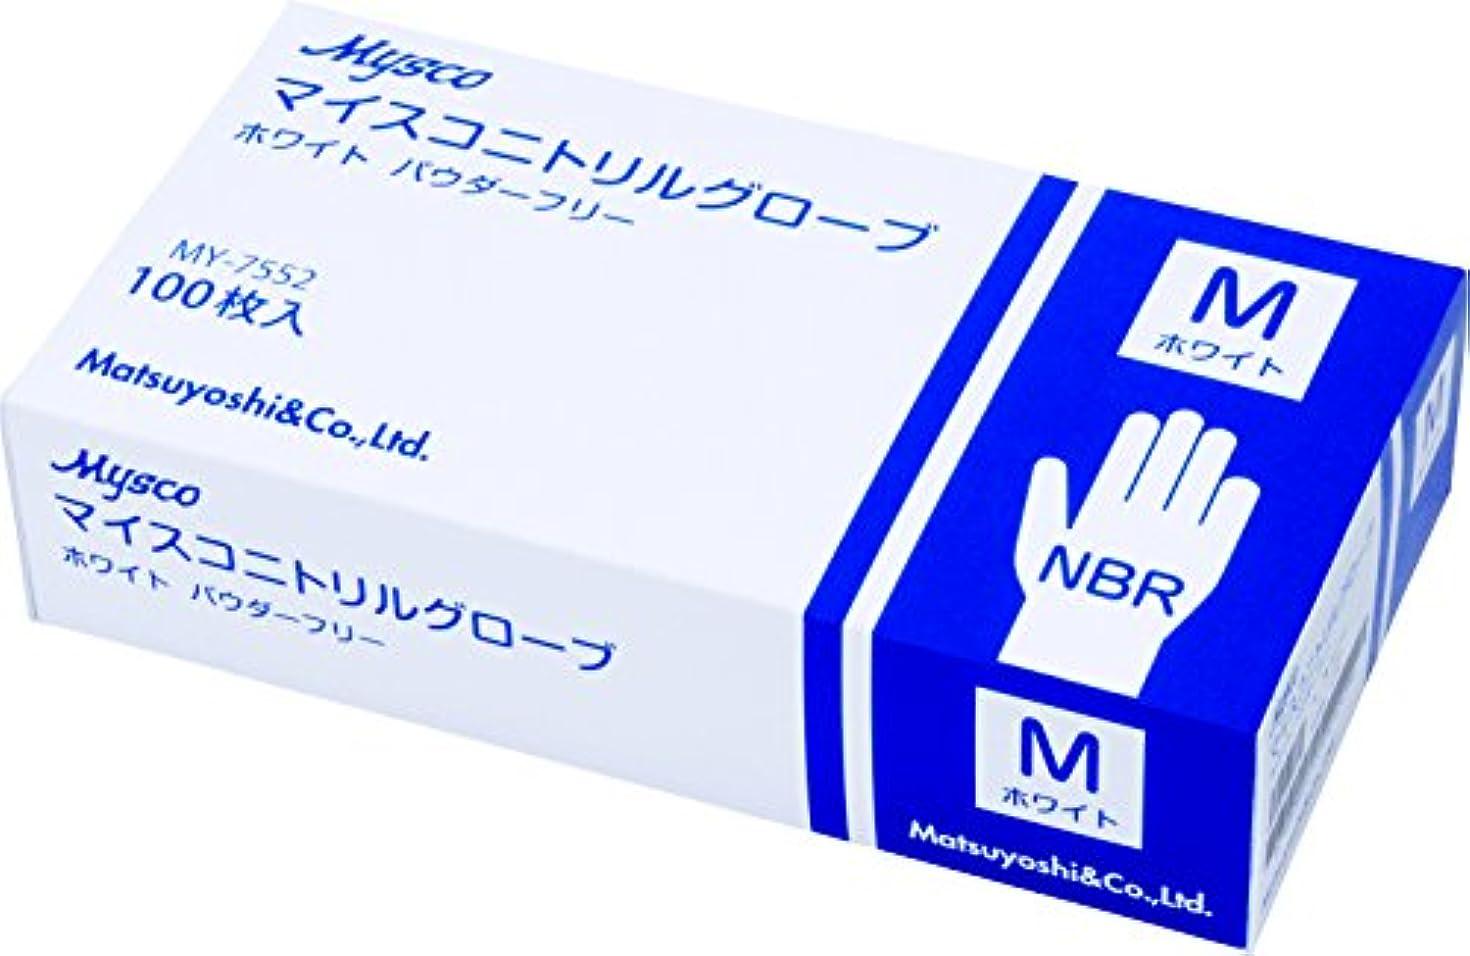 準備ができて歌手どれか使い捨て手袋 ニトリルグローブ ホワイト 粉なし(サイズ:M)100枚入り 病院採用商品